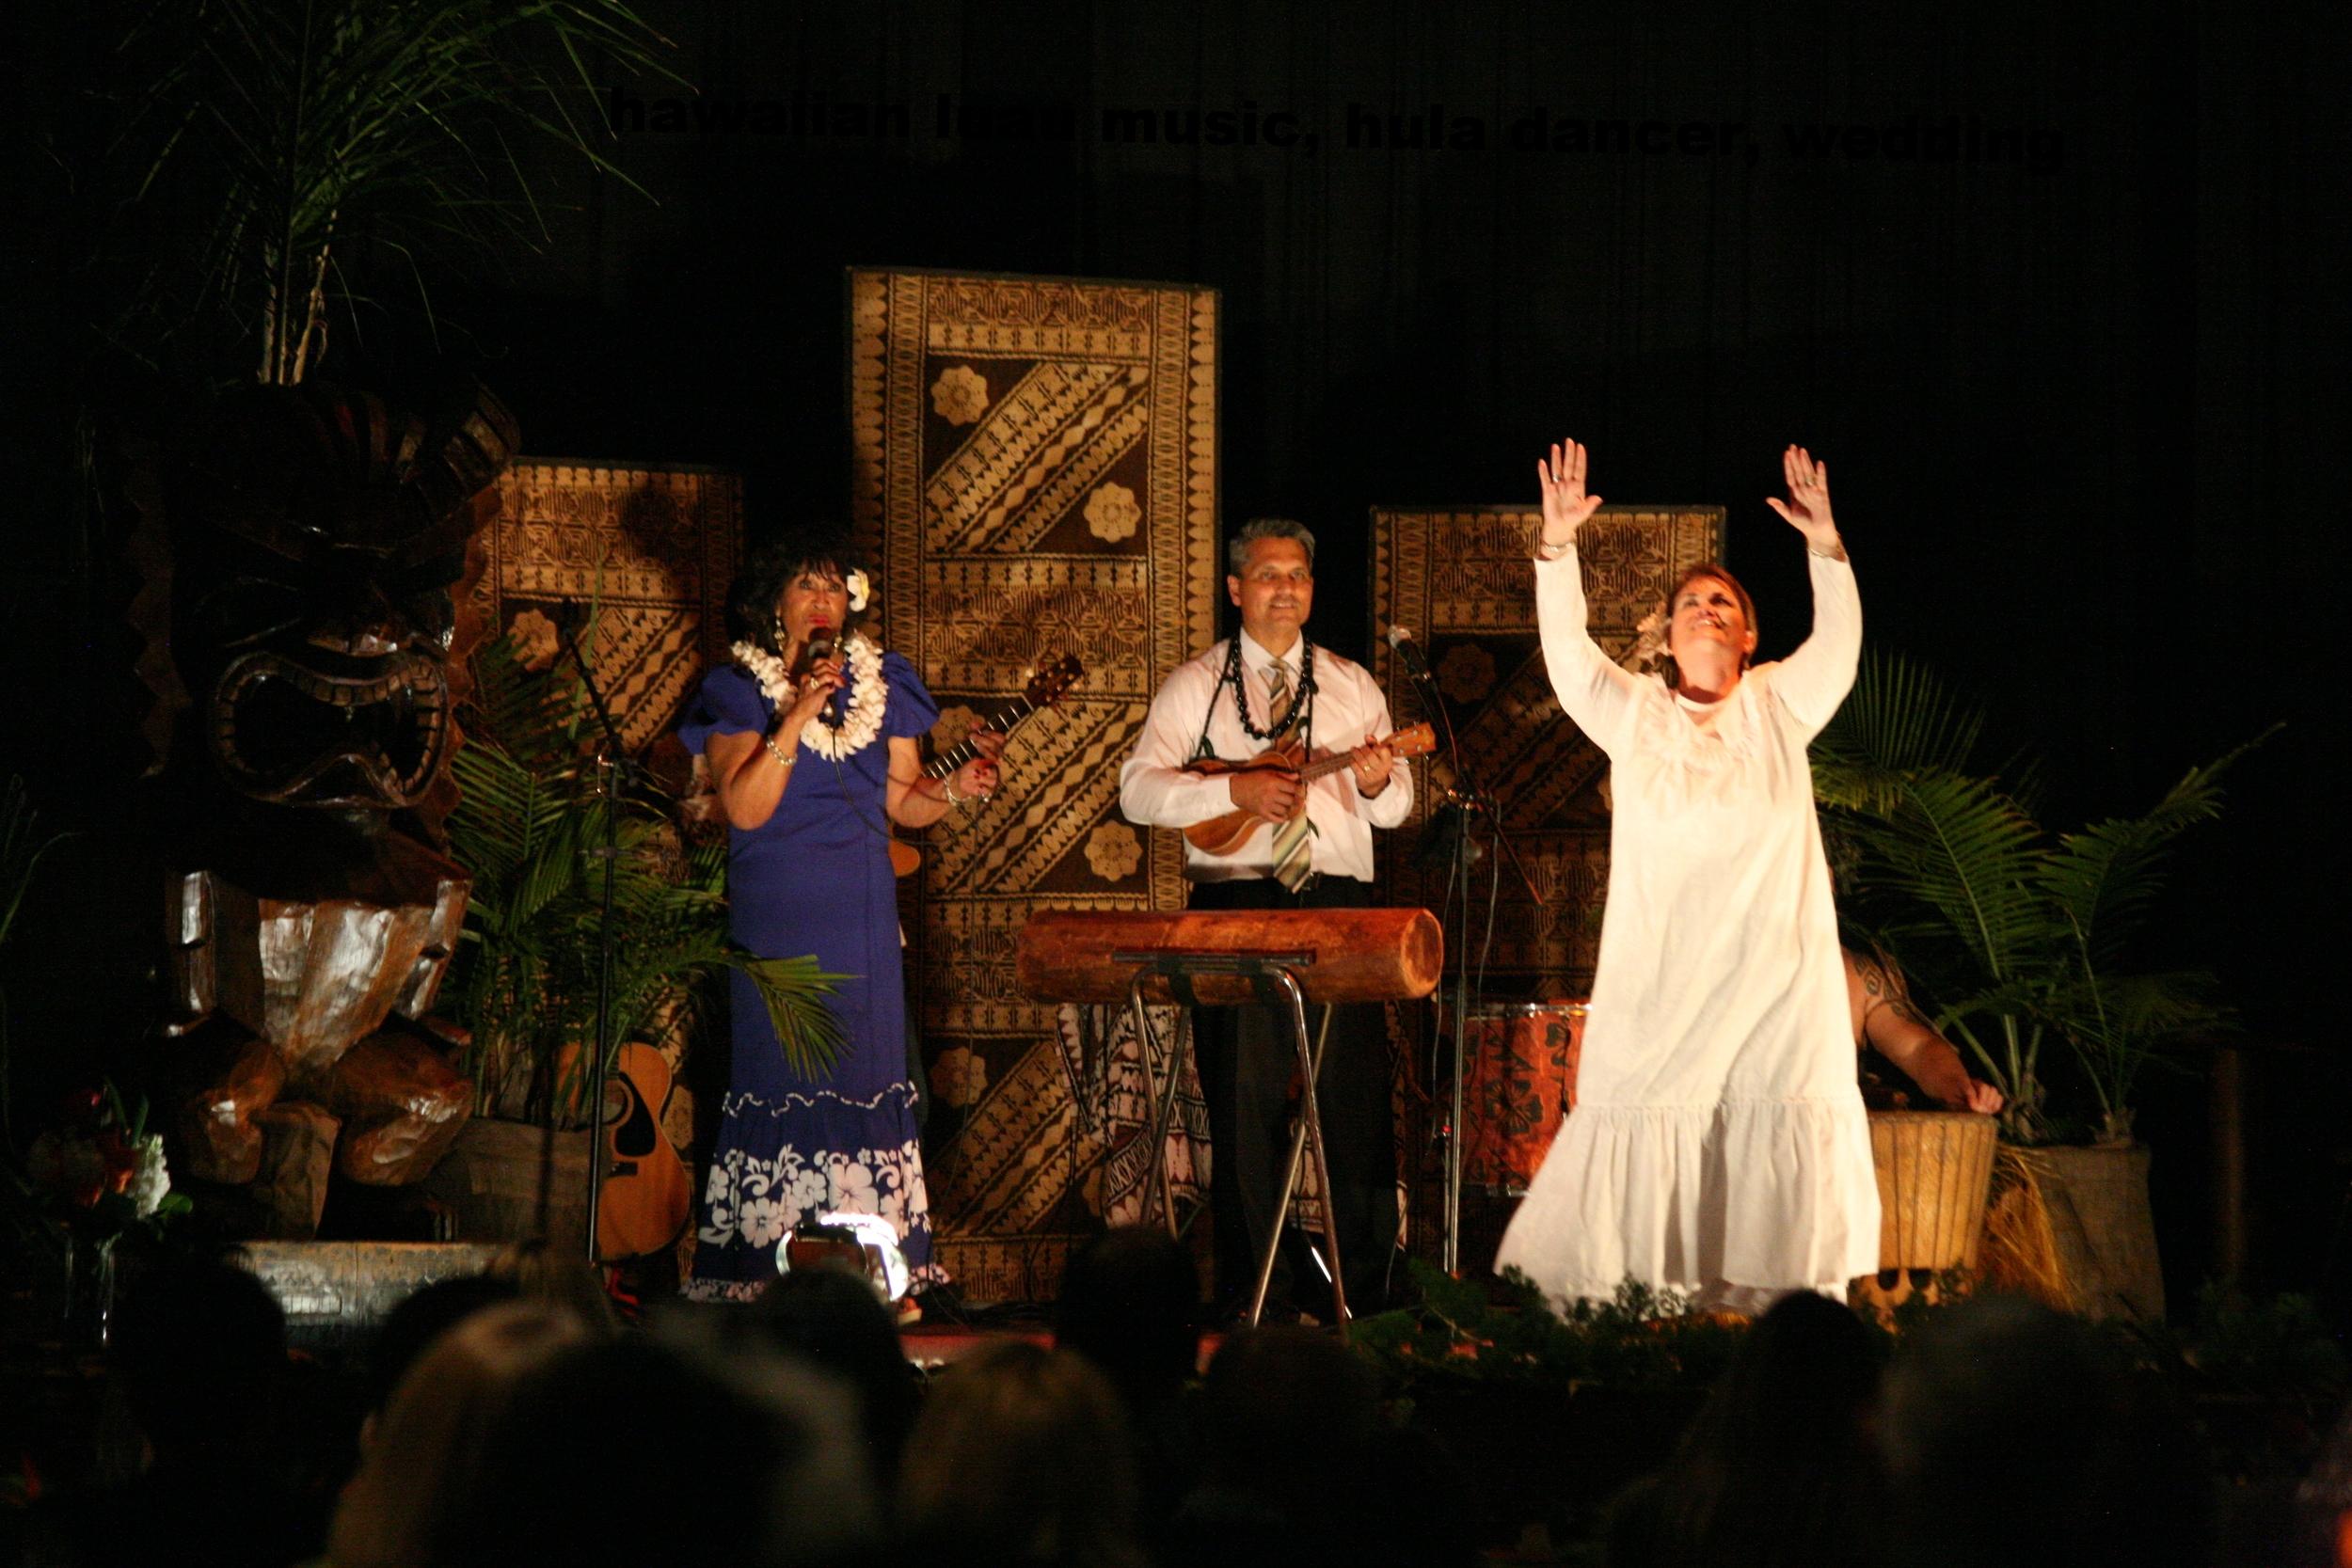 Susiana, Maril & Masina - 2016